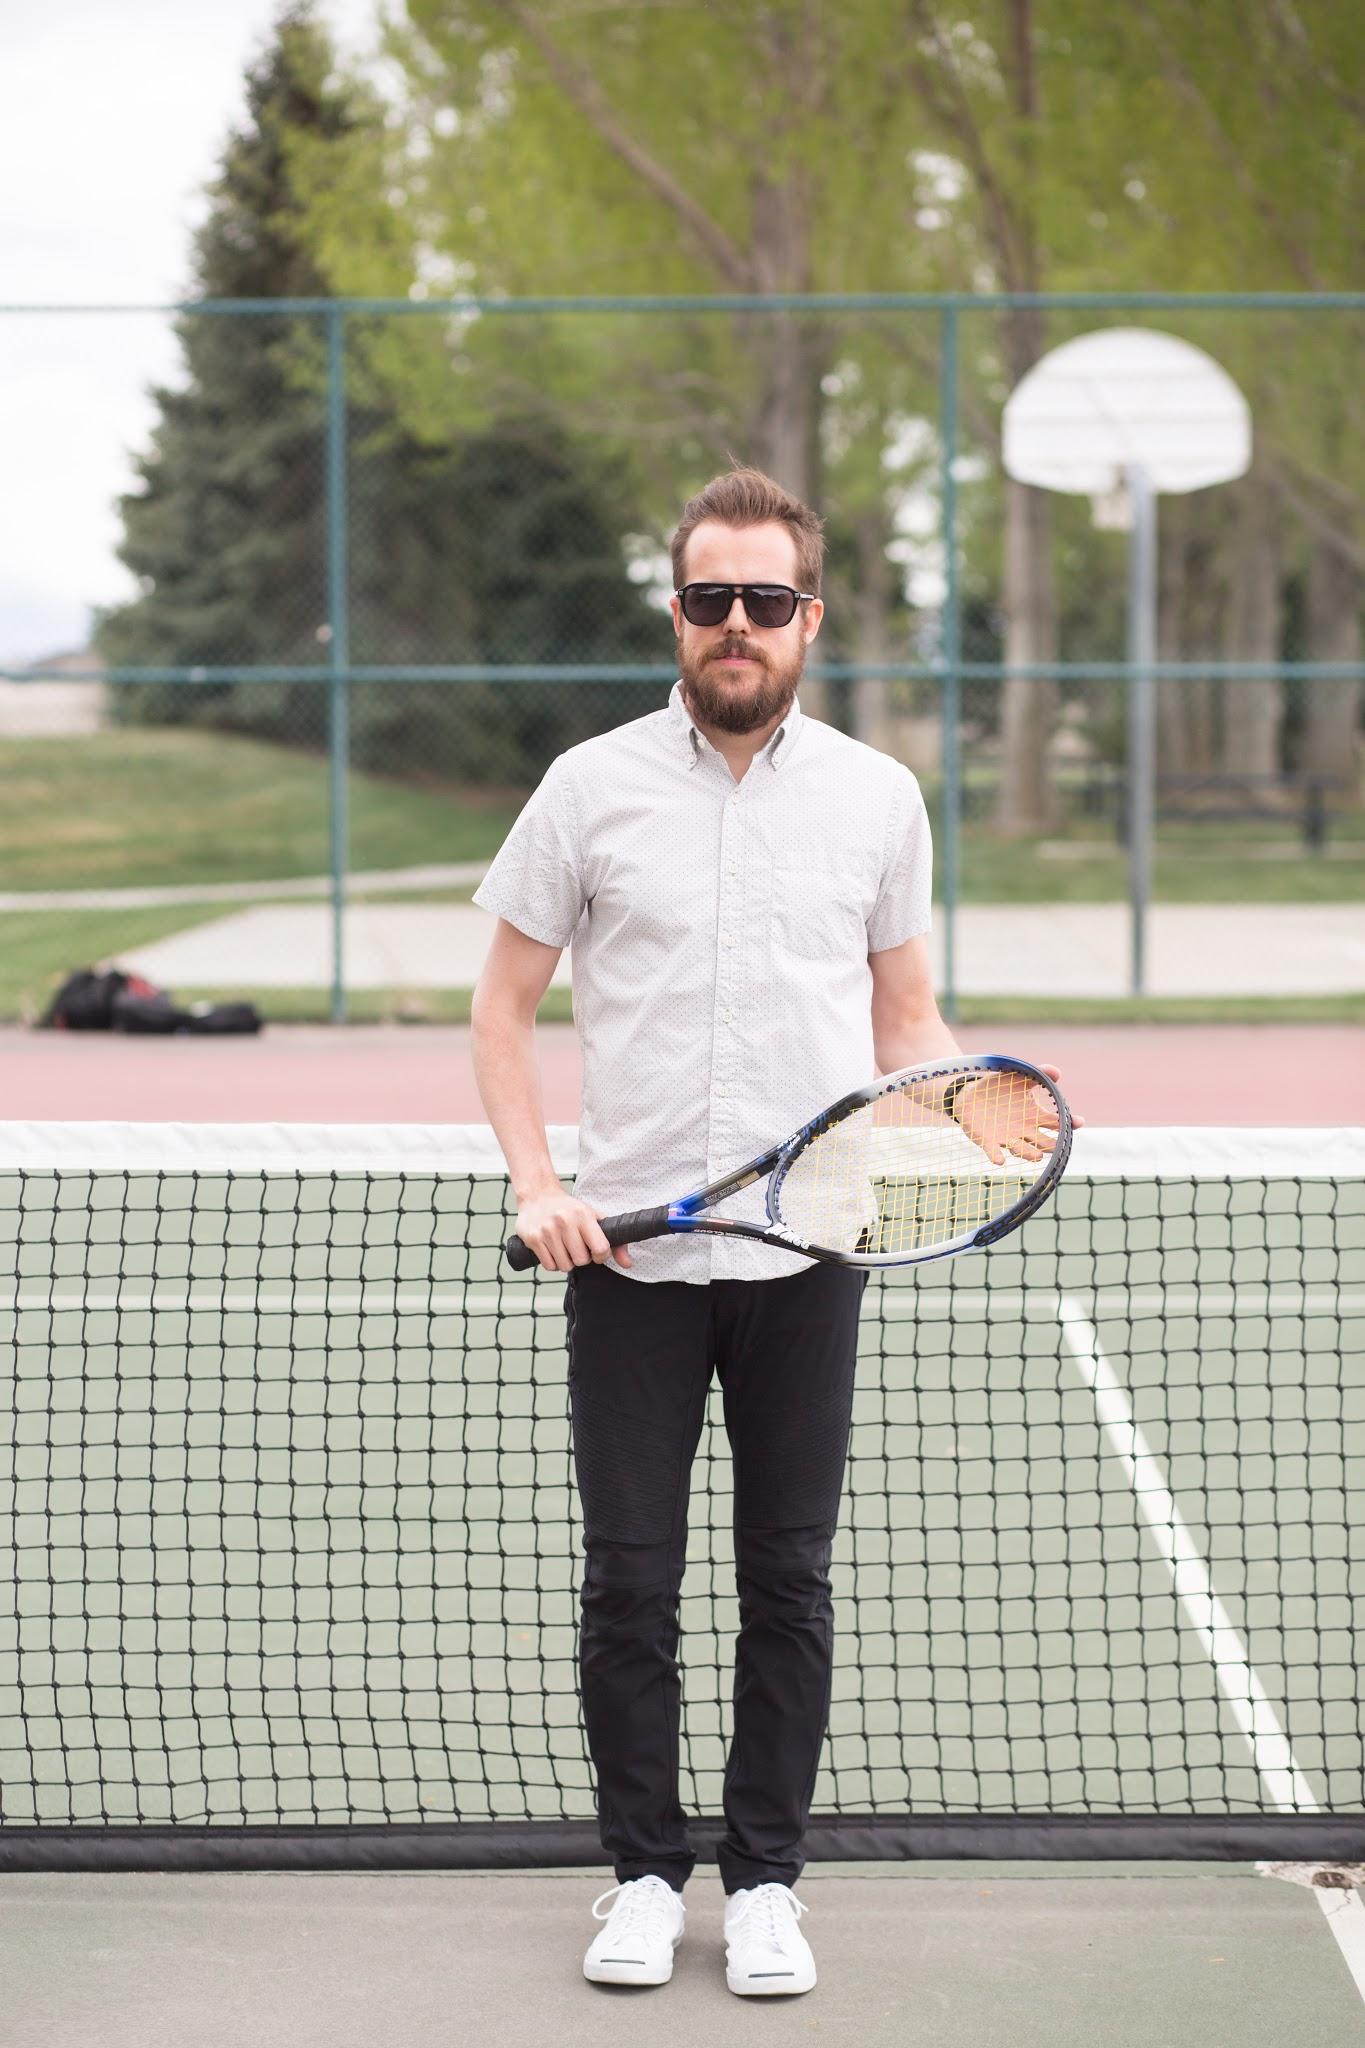 menswear tennis style